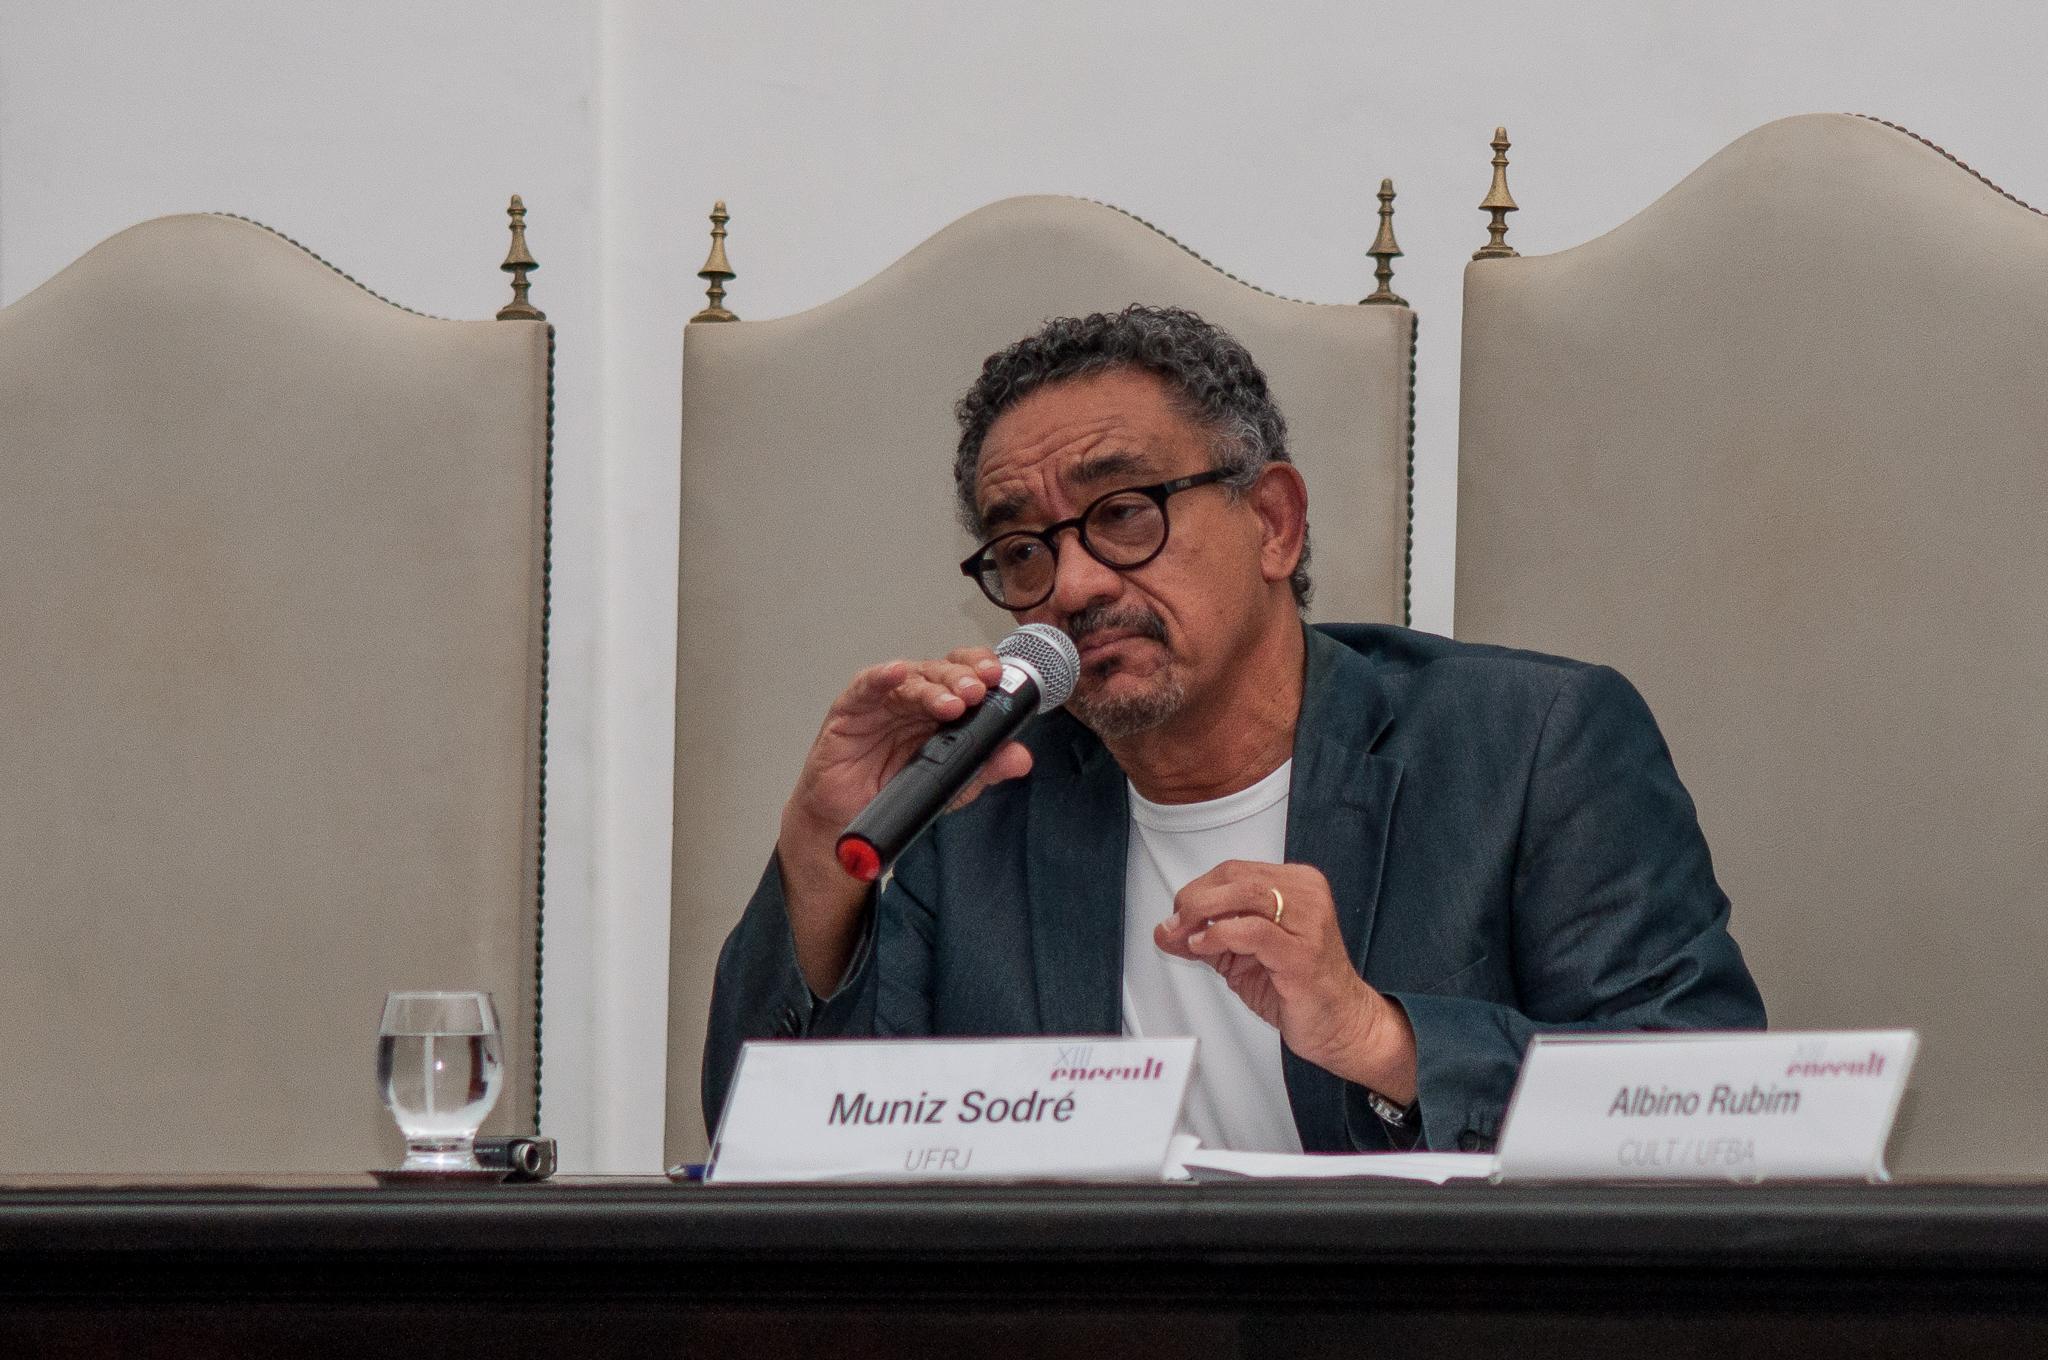 Muniz Sodre no Enecult 2017, encontro multidiciplinar em cultura